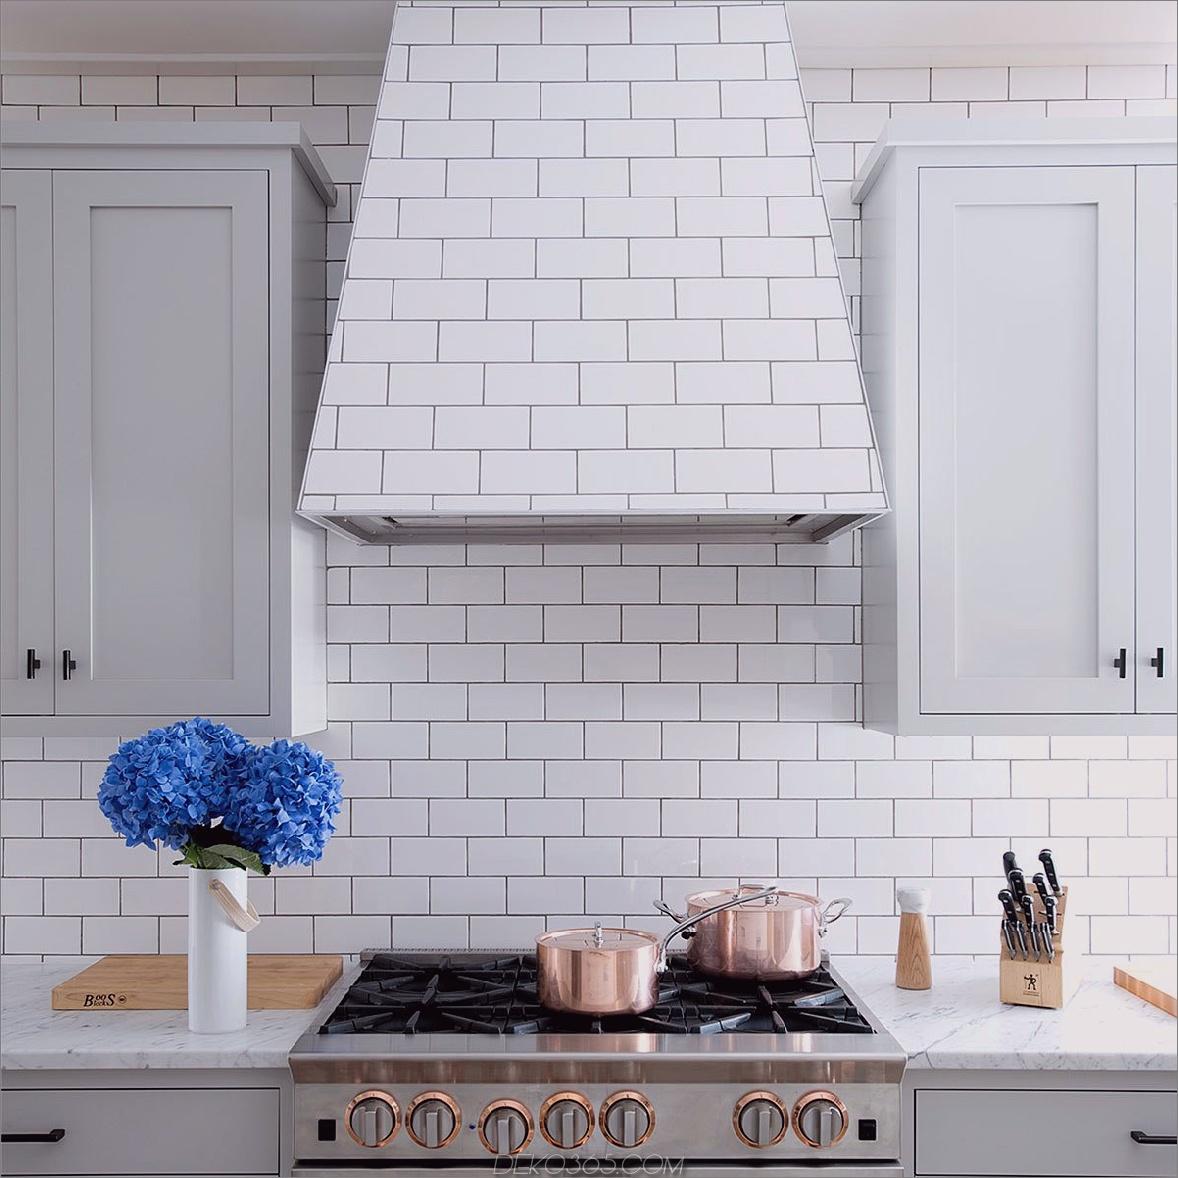 Fliesenküche mit verborgenen Chic-Küchen mit verdeckten Dunstabzugshauben